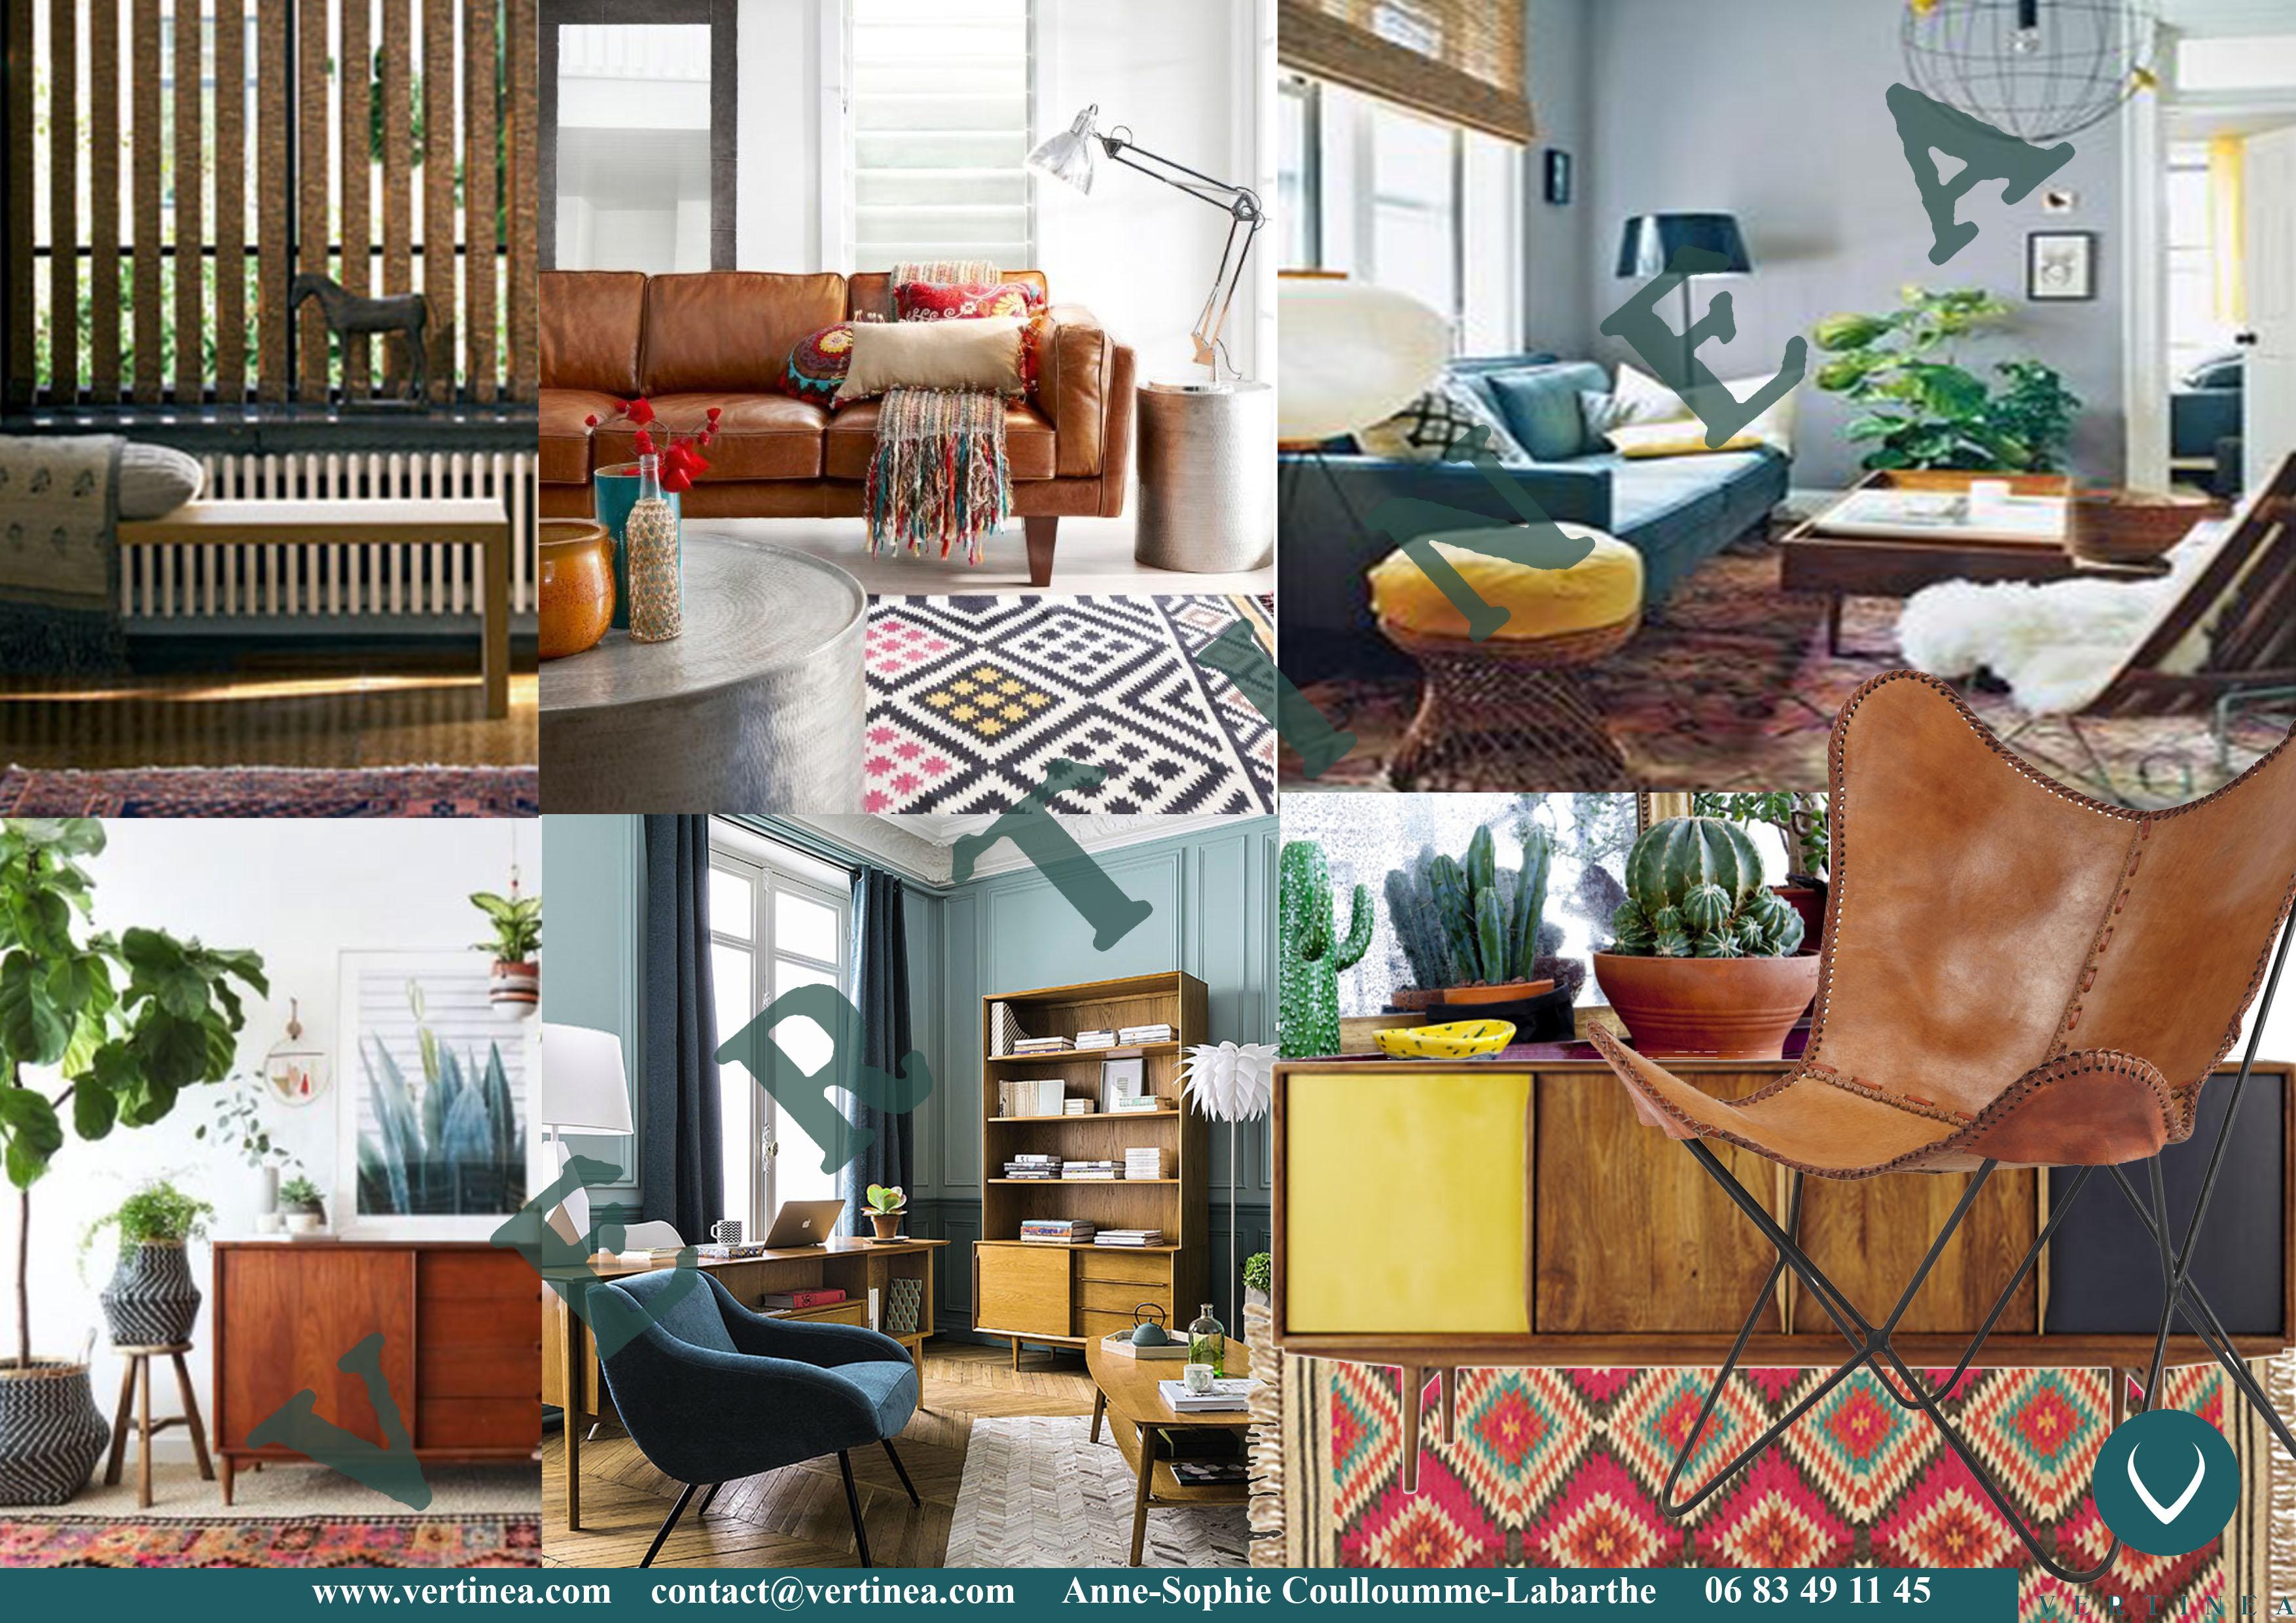 d coration d 39 un s jour dans un style ethnic chic tassin vertinea. Black Bedroom Furniture Sets. Home Design Ideas